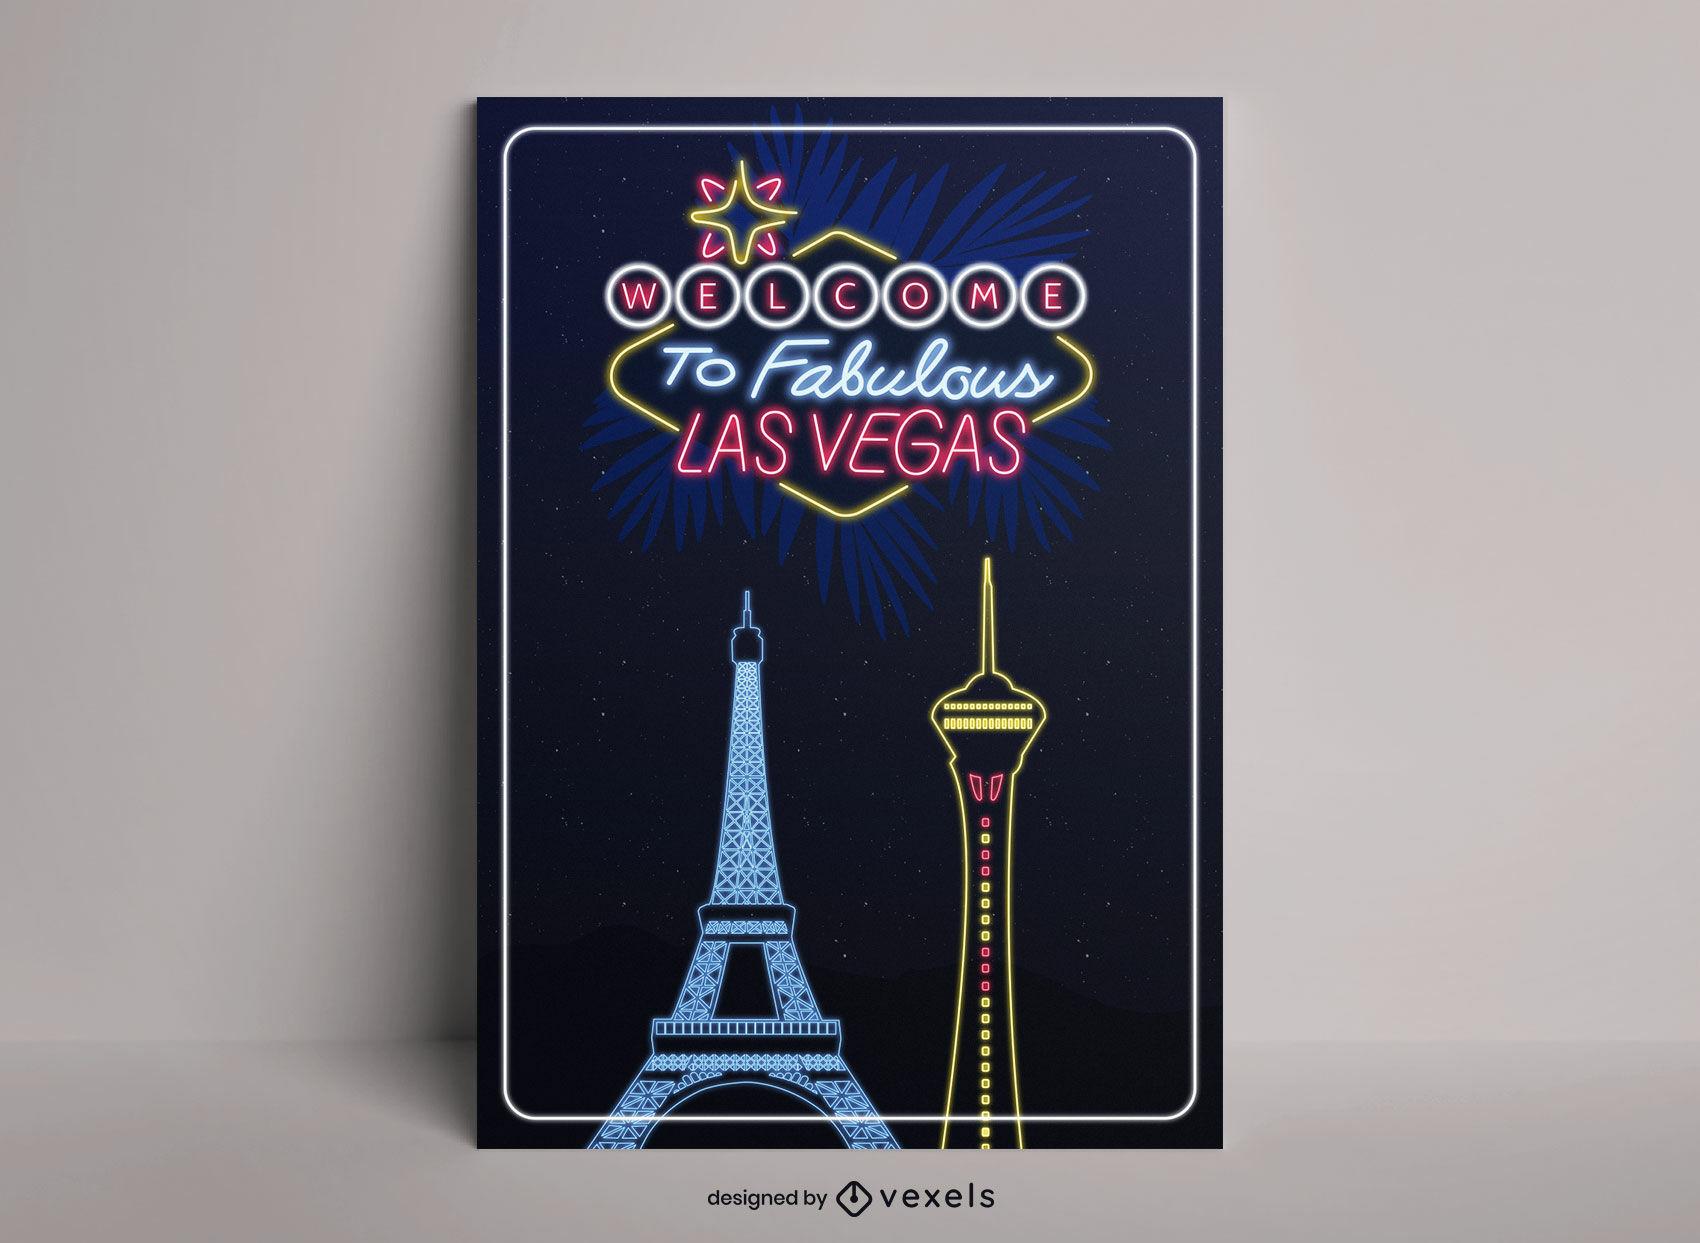 Diseño de cartel de viaje de la ciudad de neón de las vegas